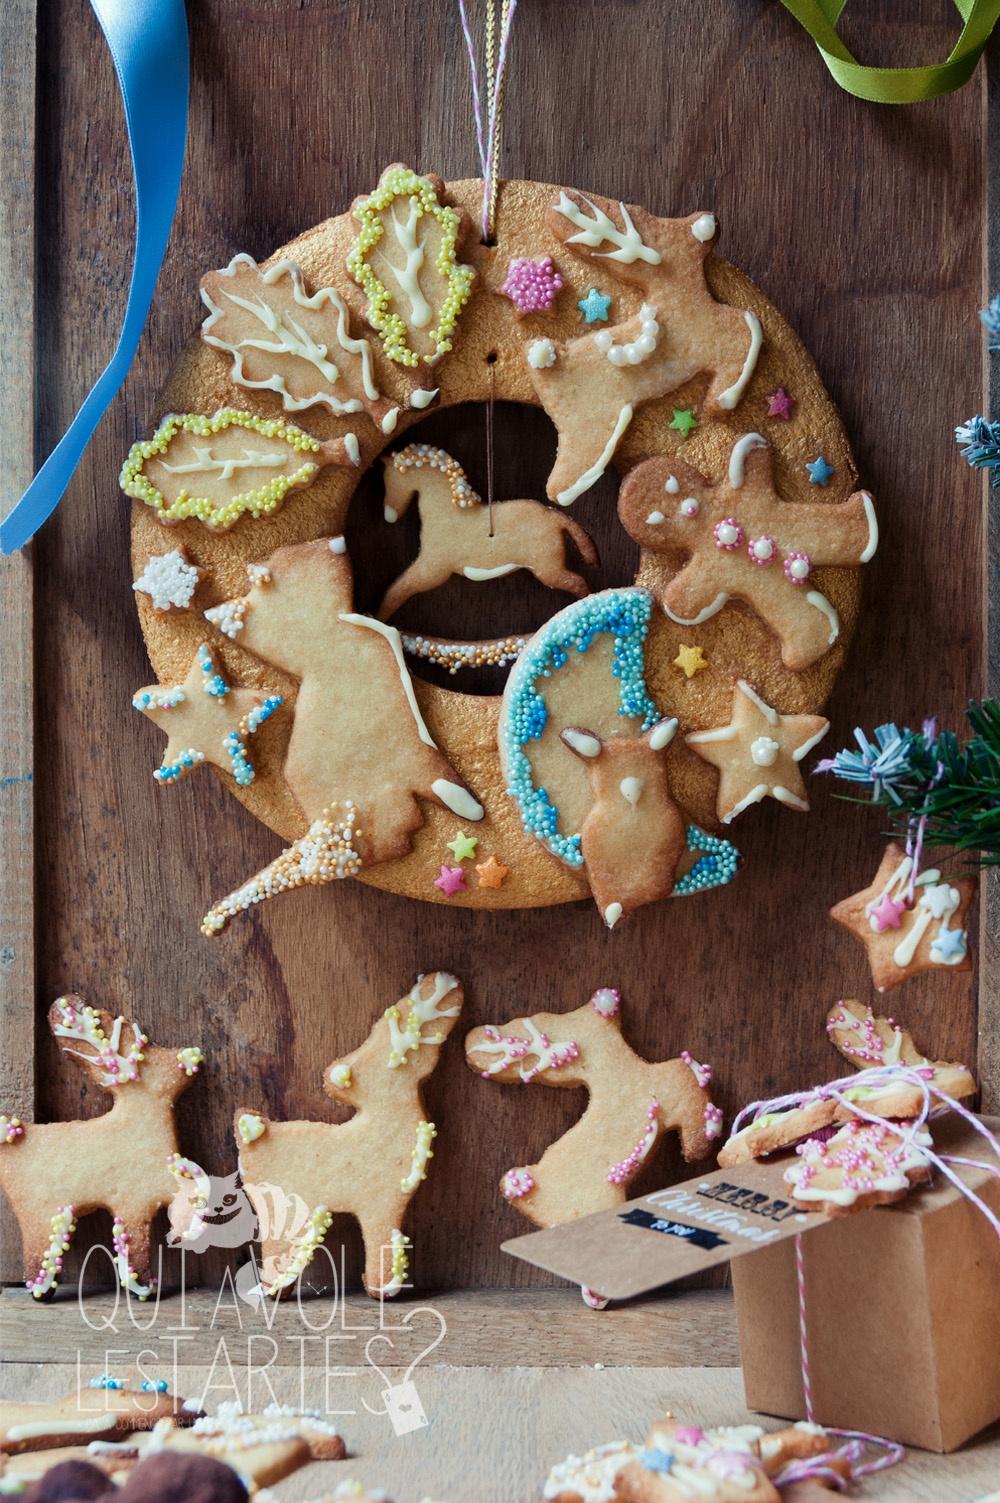 Cadeaux gourmands & couronne de Noel - Studio 2 création - Qui a volé les tartes